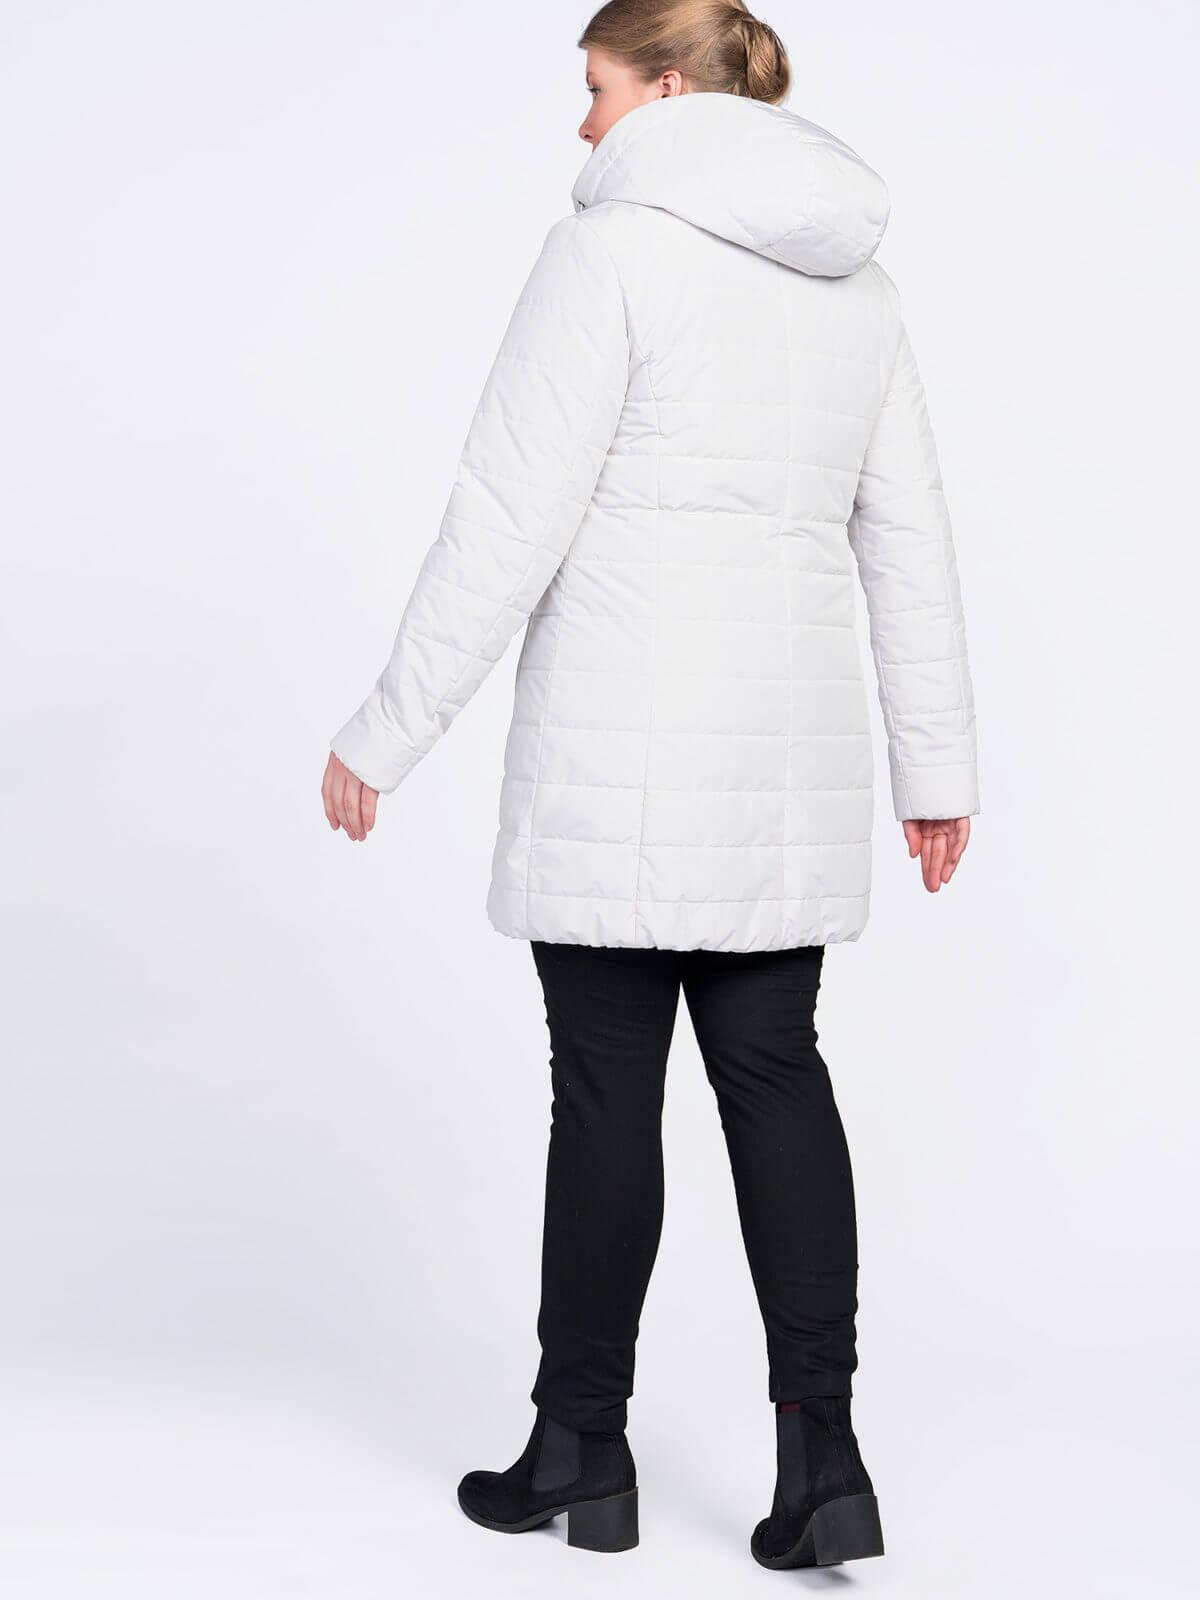 DIXI COAT. Осень/зима 2017/2018. Модель 5725-115